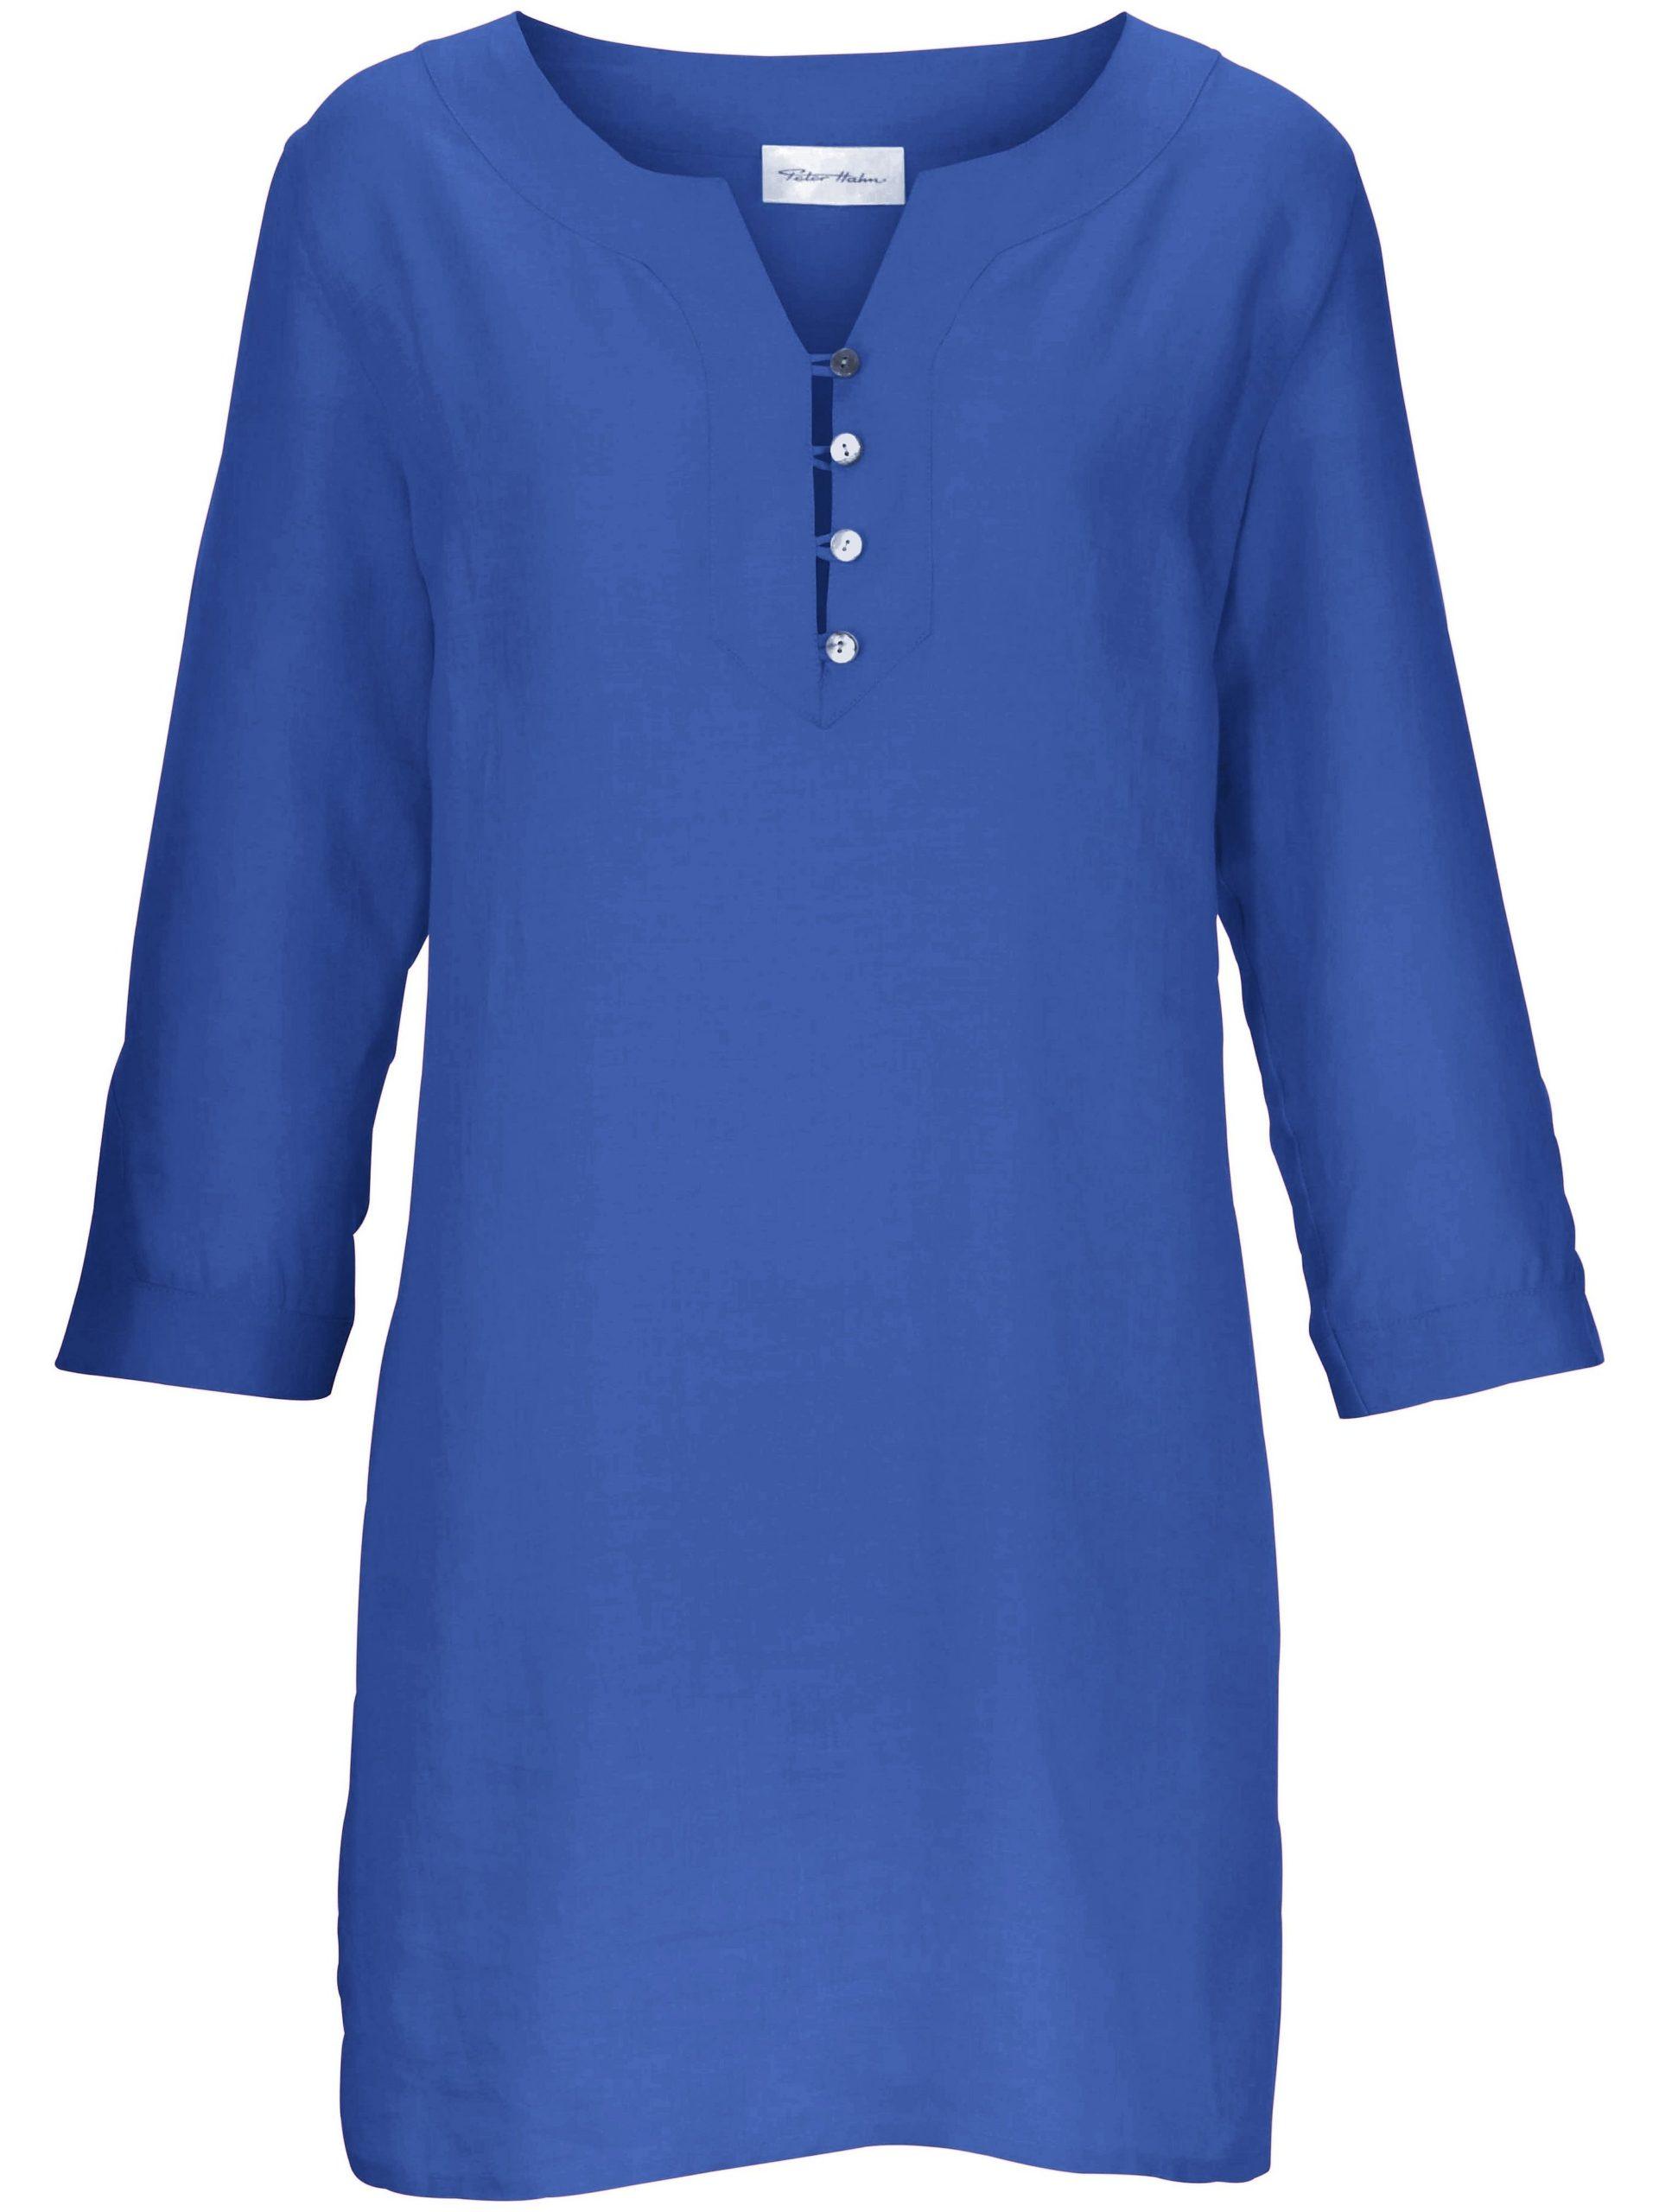 Tuniek van 100% linnen Van Peter Hahn blauw Kopen